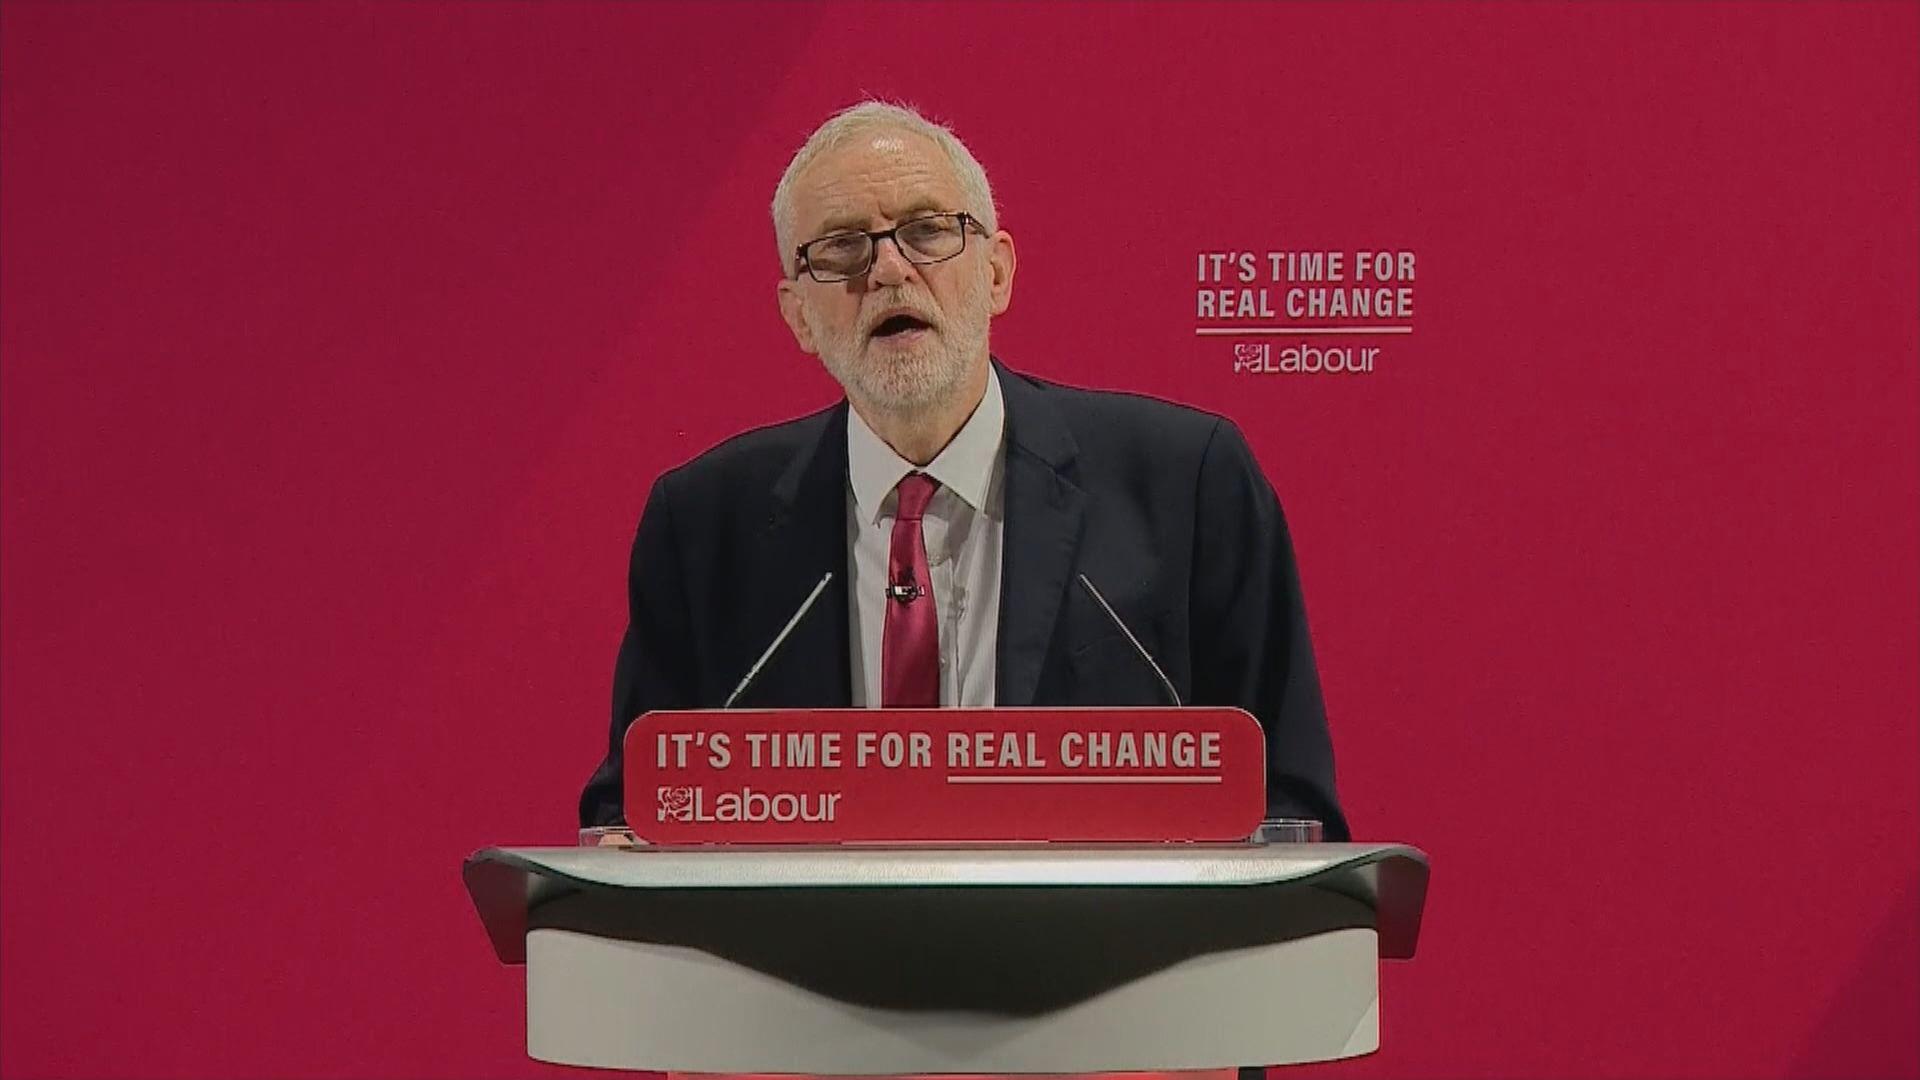 英首席拉比暗示郝爾彬不適合當首相